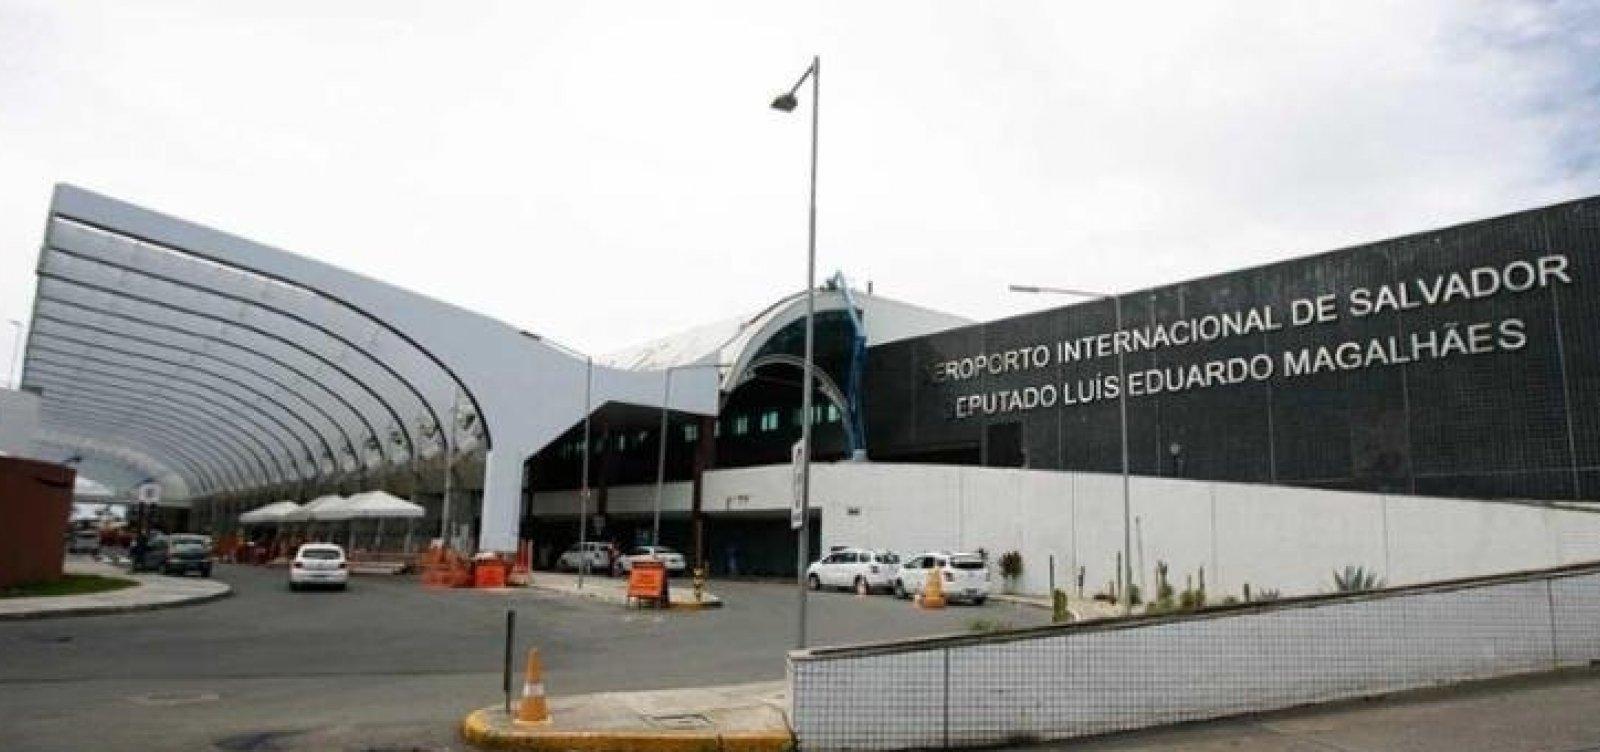 Piloto muda rota de voo por causa de mau tempo em Salvador